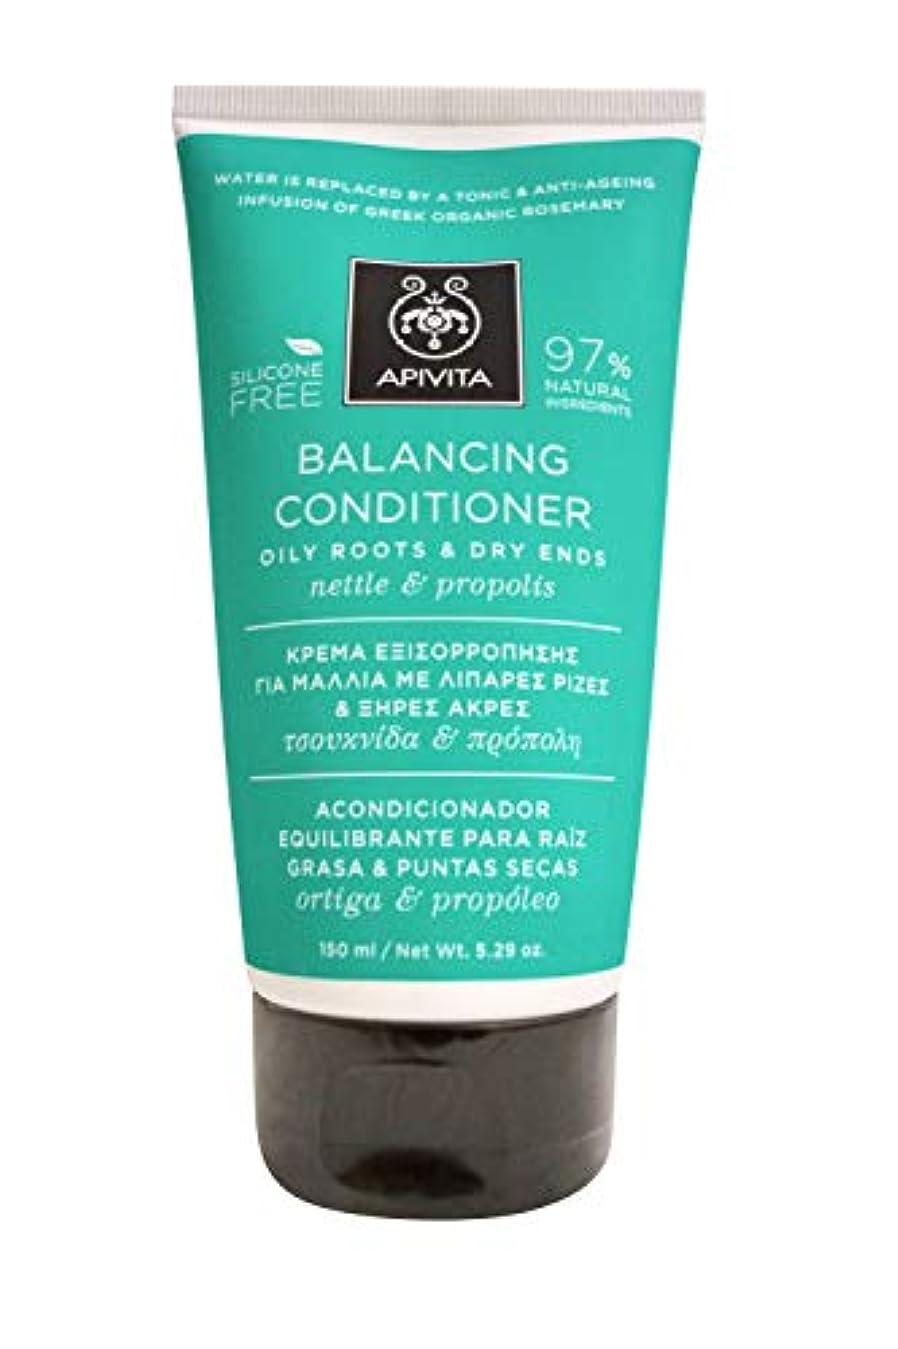 アピヴィータ Balancing Conditioner with Nettle & Propolis (Oily Roots & Dry Ends) 150ml [並行輸入品]